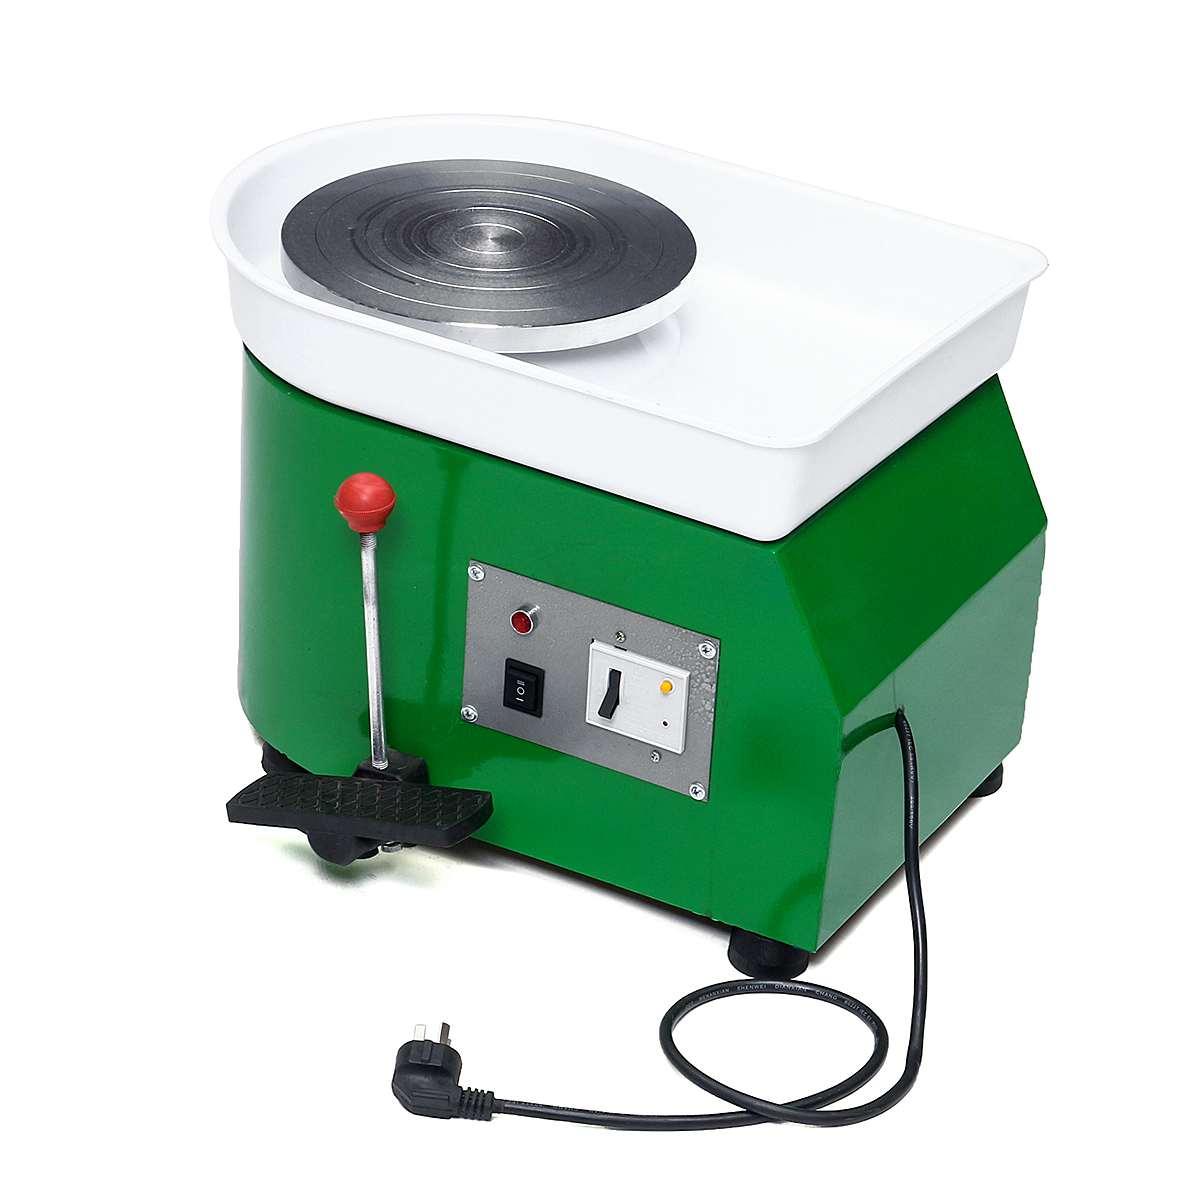 220 V 250 W 250mm tournant la roue de poterie électrique en céramique Machine en céramique argile potier Kit pour céramique de travail en céramique - 2